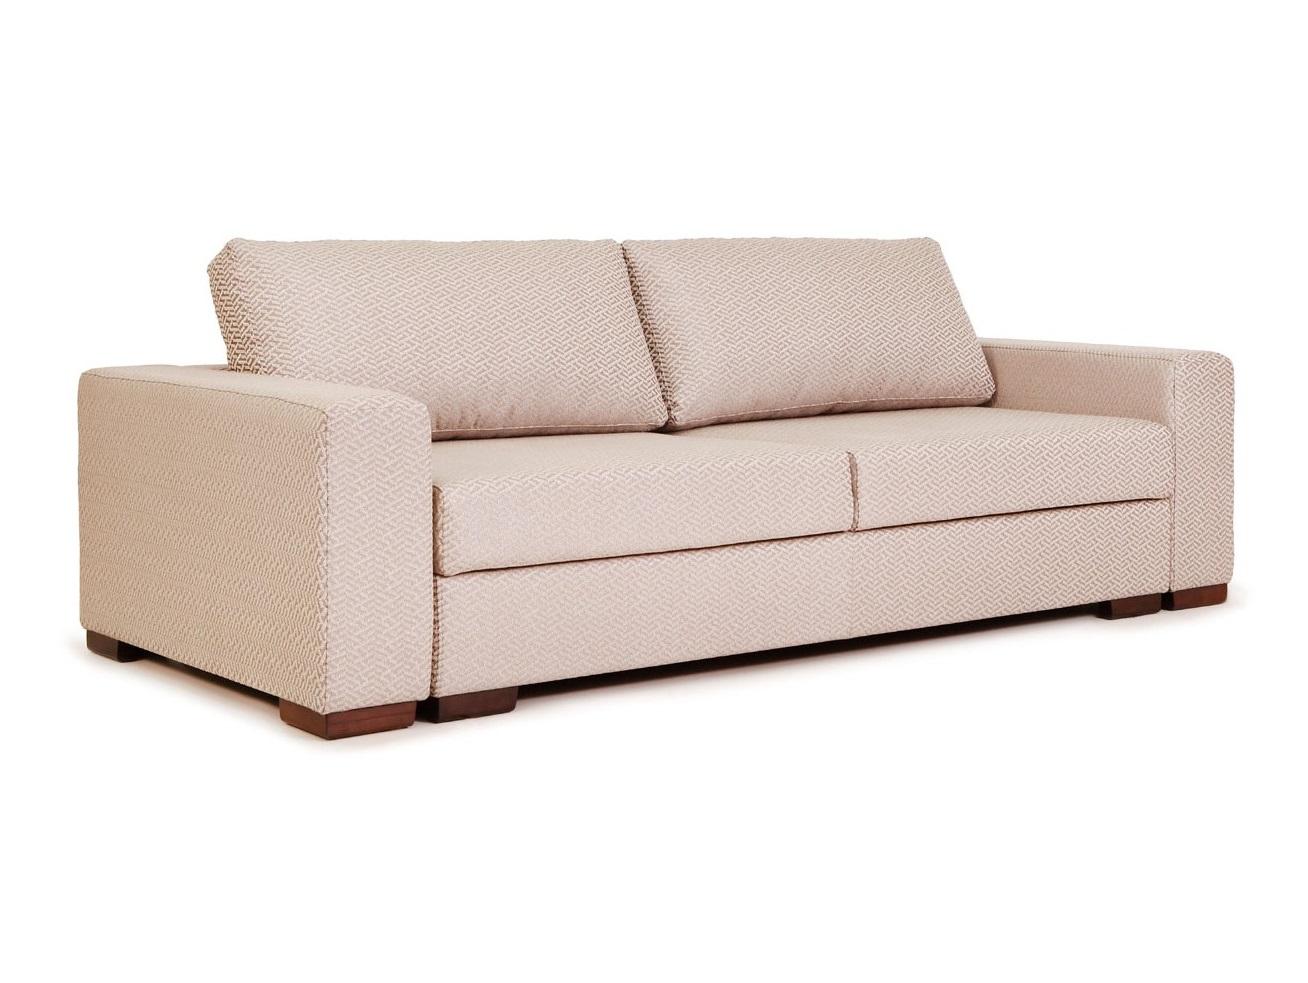 """Диван НеапольПрямые раскладные диваны<br>Прямой диван европейского стиля """"Неаполь"""" подойдет для самых разных помещений с практически любым интерьерным решением, ведь дизайн этой модели выгодно подчеркивает достоинства как классического, так современного интерьера. Практичный, функциональный и исключительно удобный диван """"Неаполь"""" - один из самых лучших диванов для сна, обладающий просторным и идеально ровным спальным местом. А его комфорт заставят на долго отвлечься от повседневных хлопот.&amp;lt;div&amp;gt;&amp;lt;br&amp;gt;&amp;lt;/div&amp;gt;&amp;lt;div&amp;gt;Спальное место на каждый день размером 250х150 см.&amp;amp;nbsp;&amp;lt;/div&amp;gt;&amp;lt;div&amp;gt;Механизм раскладывания в &amp;quot;одно движение&amp;quot; (Пума).&amp;lt;/div&amp;gt;&amp;lt;div&amp;gt;Есть бельевой ящик&amp;lt;/div&amp;gt;&amp;lt;div&amp;gt;Большой выбор обивочных тканей&amp;amp;nbsp;(подробности уточняйте у менеджера).&amp;lt;/div&amp;gt;<br><br>Material: Текстиль<br>Ширина см: 240.0<br>Высота см: 90.0<br>Глубина см: 106.0"""